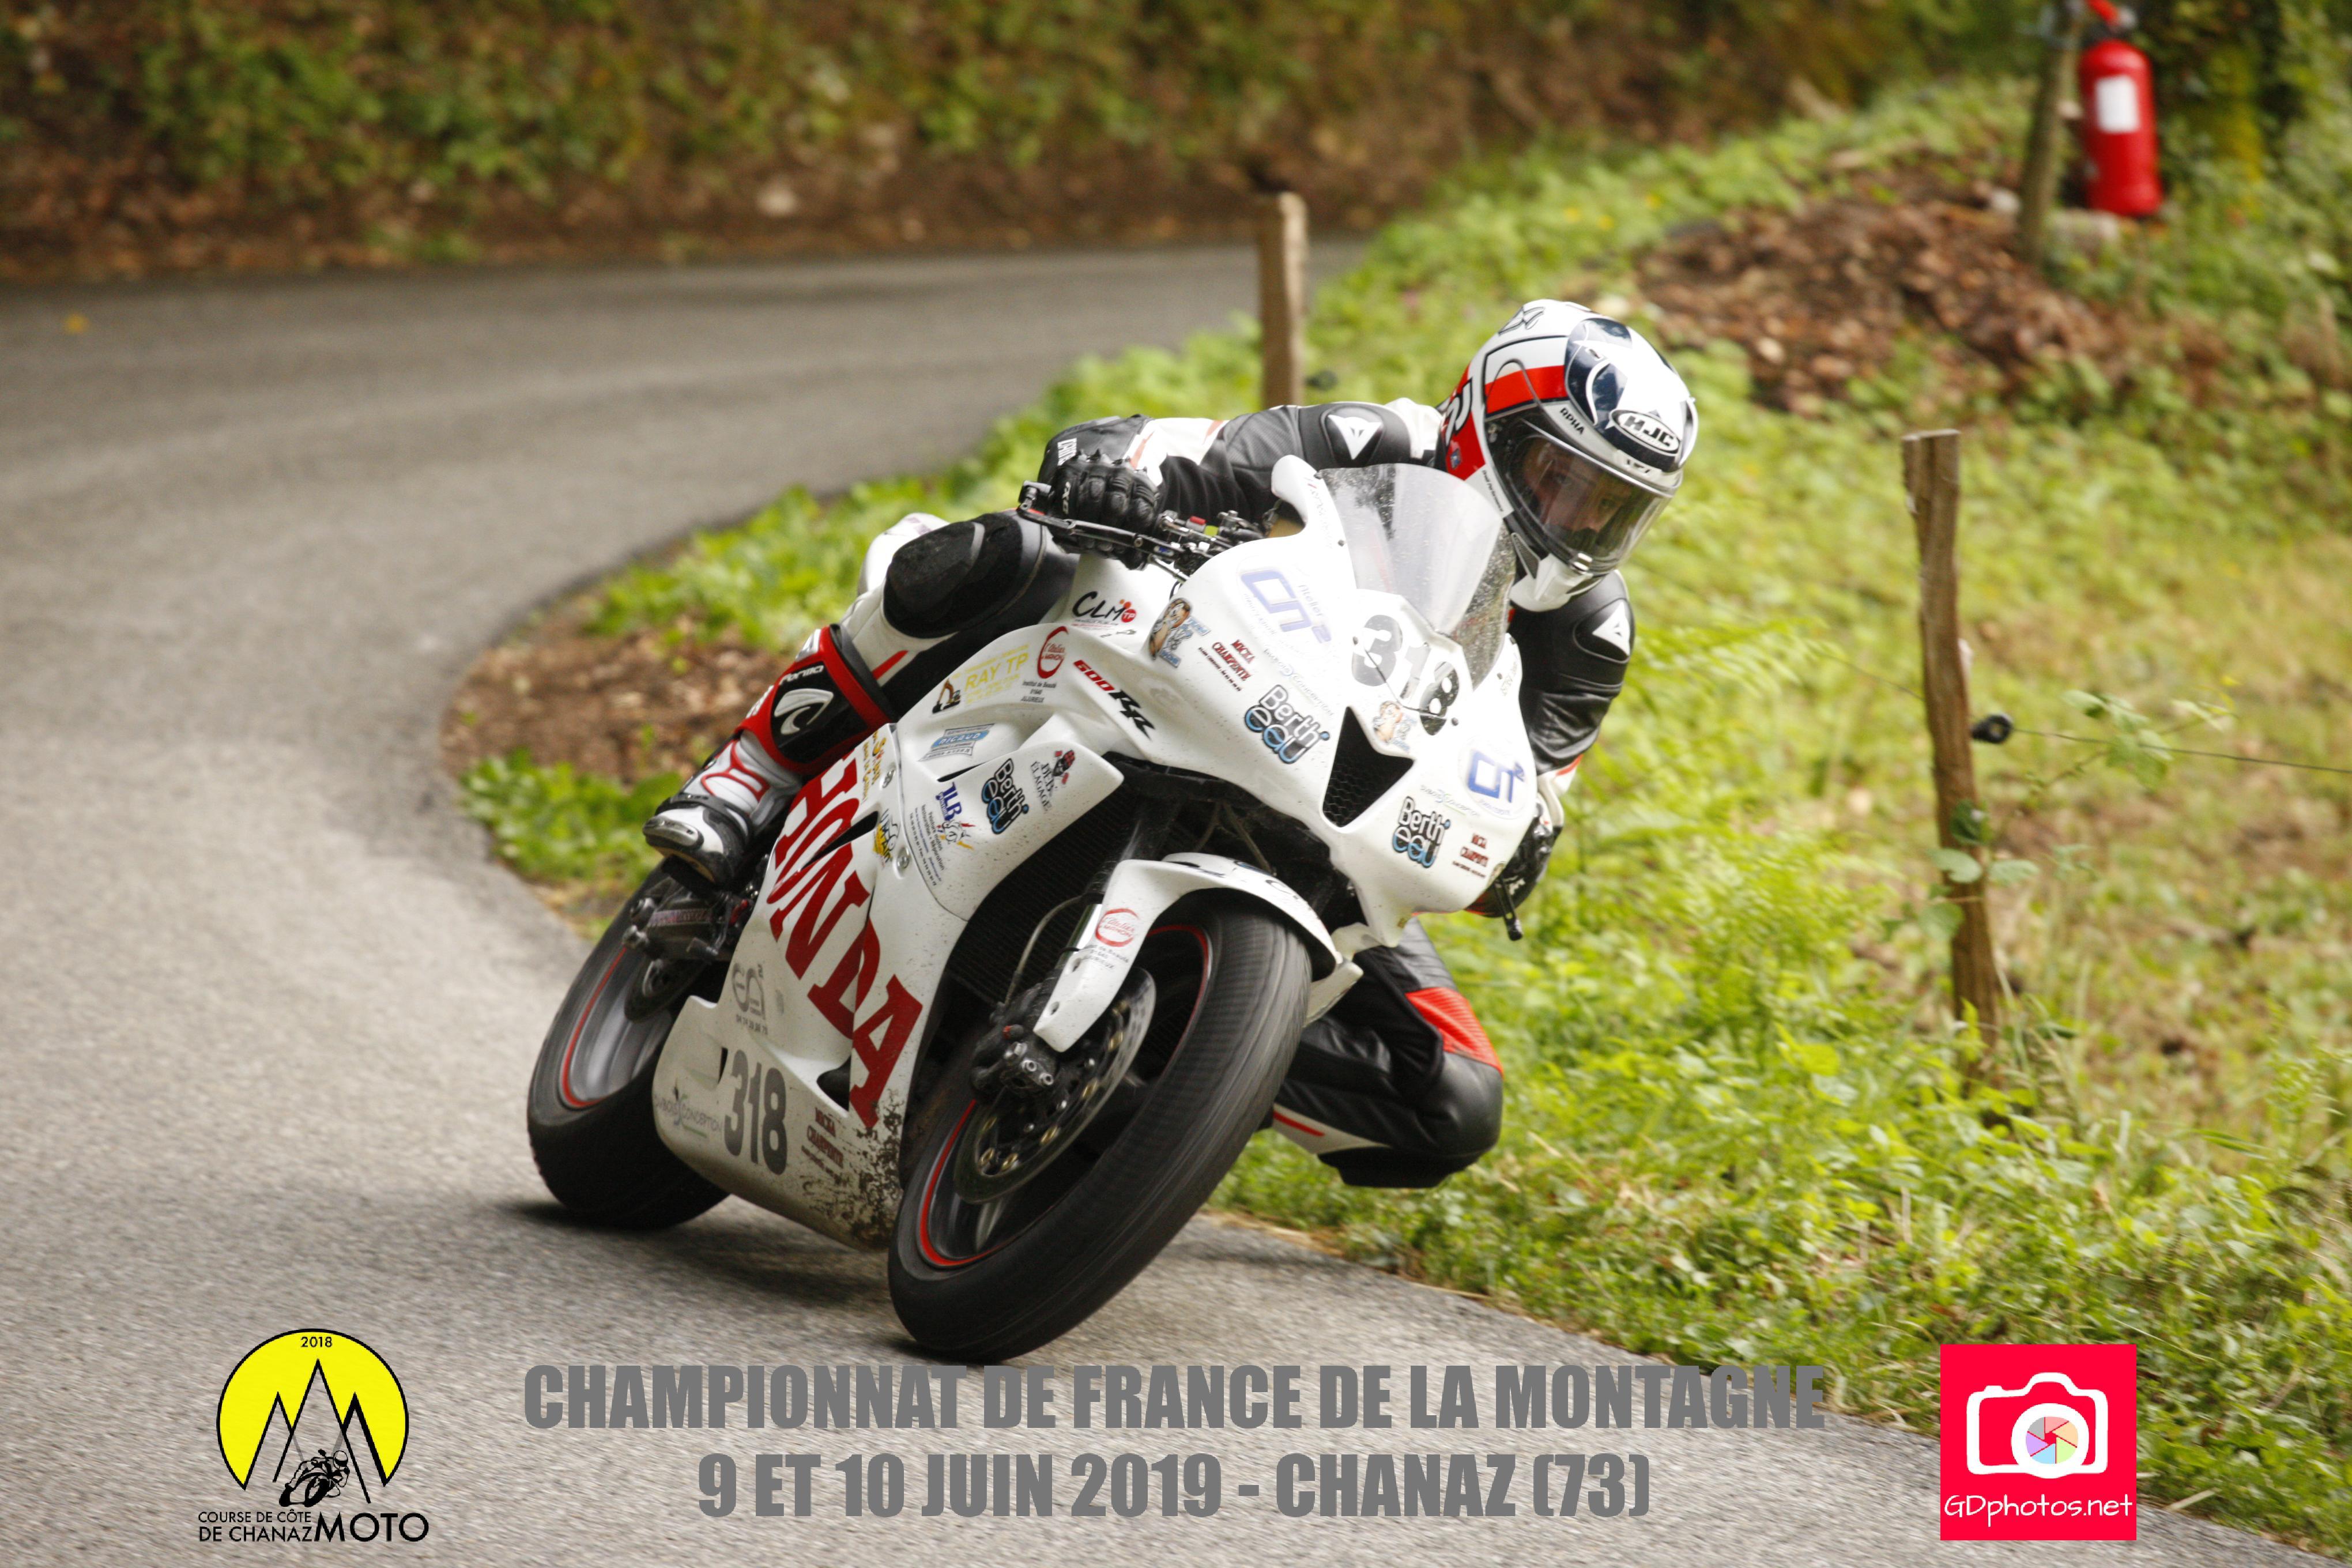 Team MB Racing, 48 <sup>e</sup>course de Chanaz, 2<sup>e</sup>manche du Championnat de France de la Montagne, 9 et 10 juin 2019